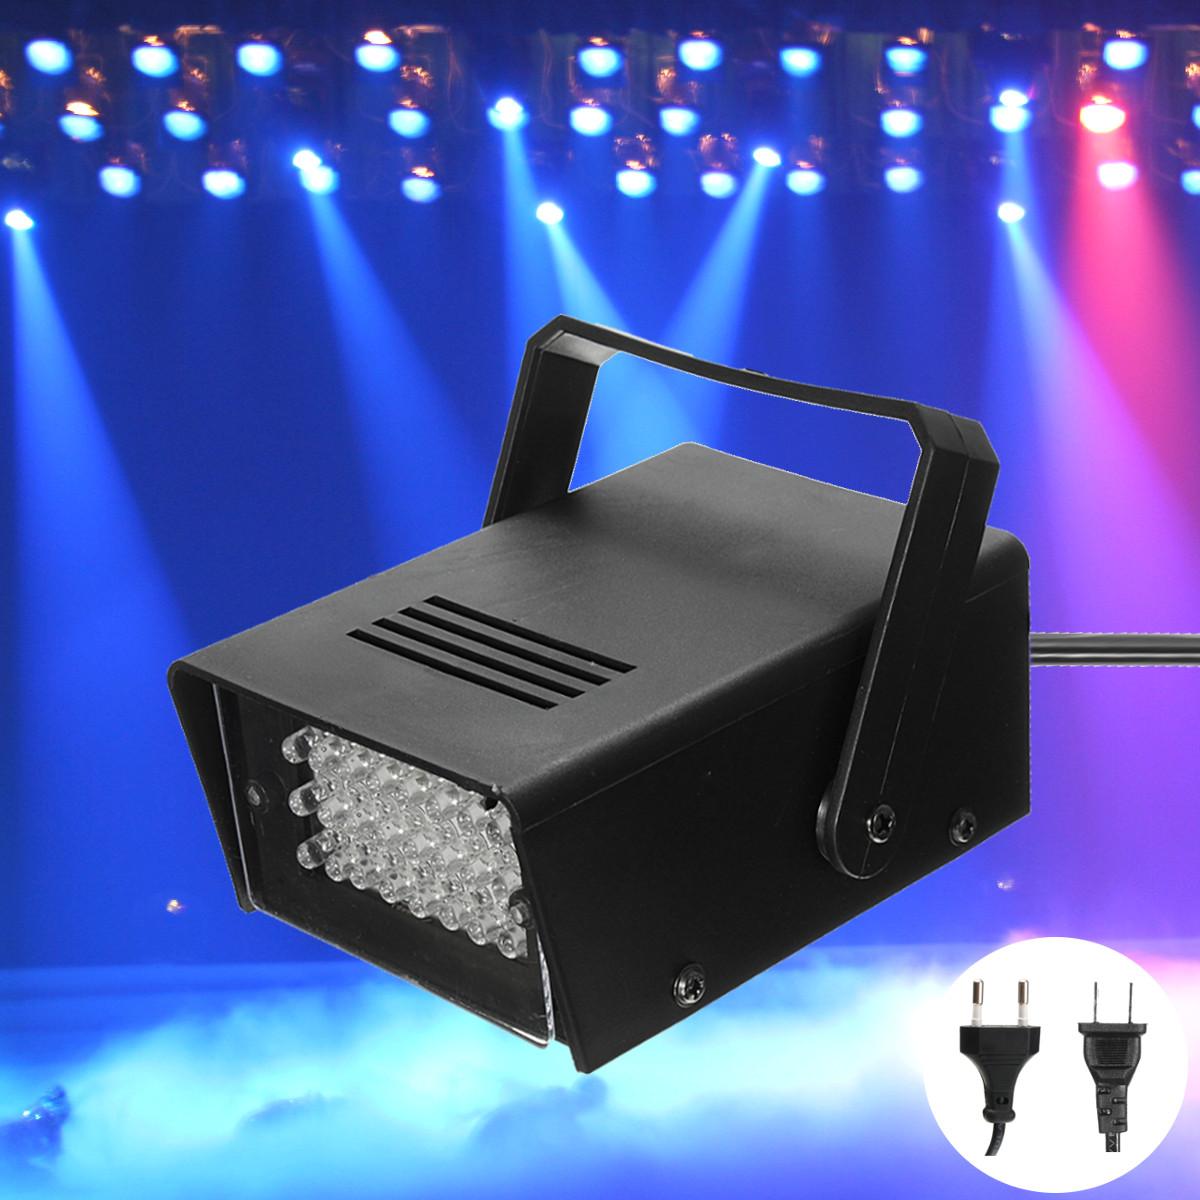 Мини-24 LED синий мигающий стробоскоп партия свет этапа диско-клуб ди-джей эффект освещения AC220V